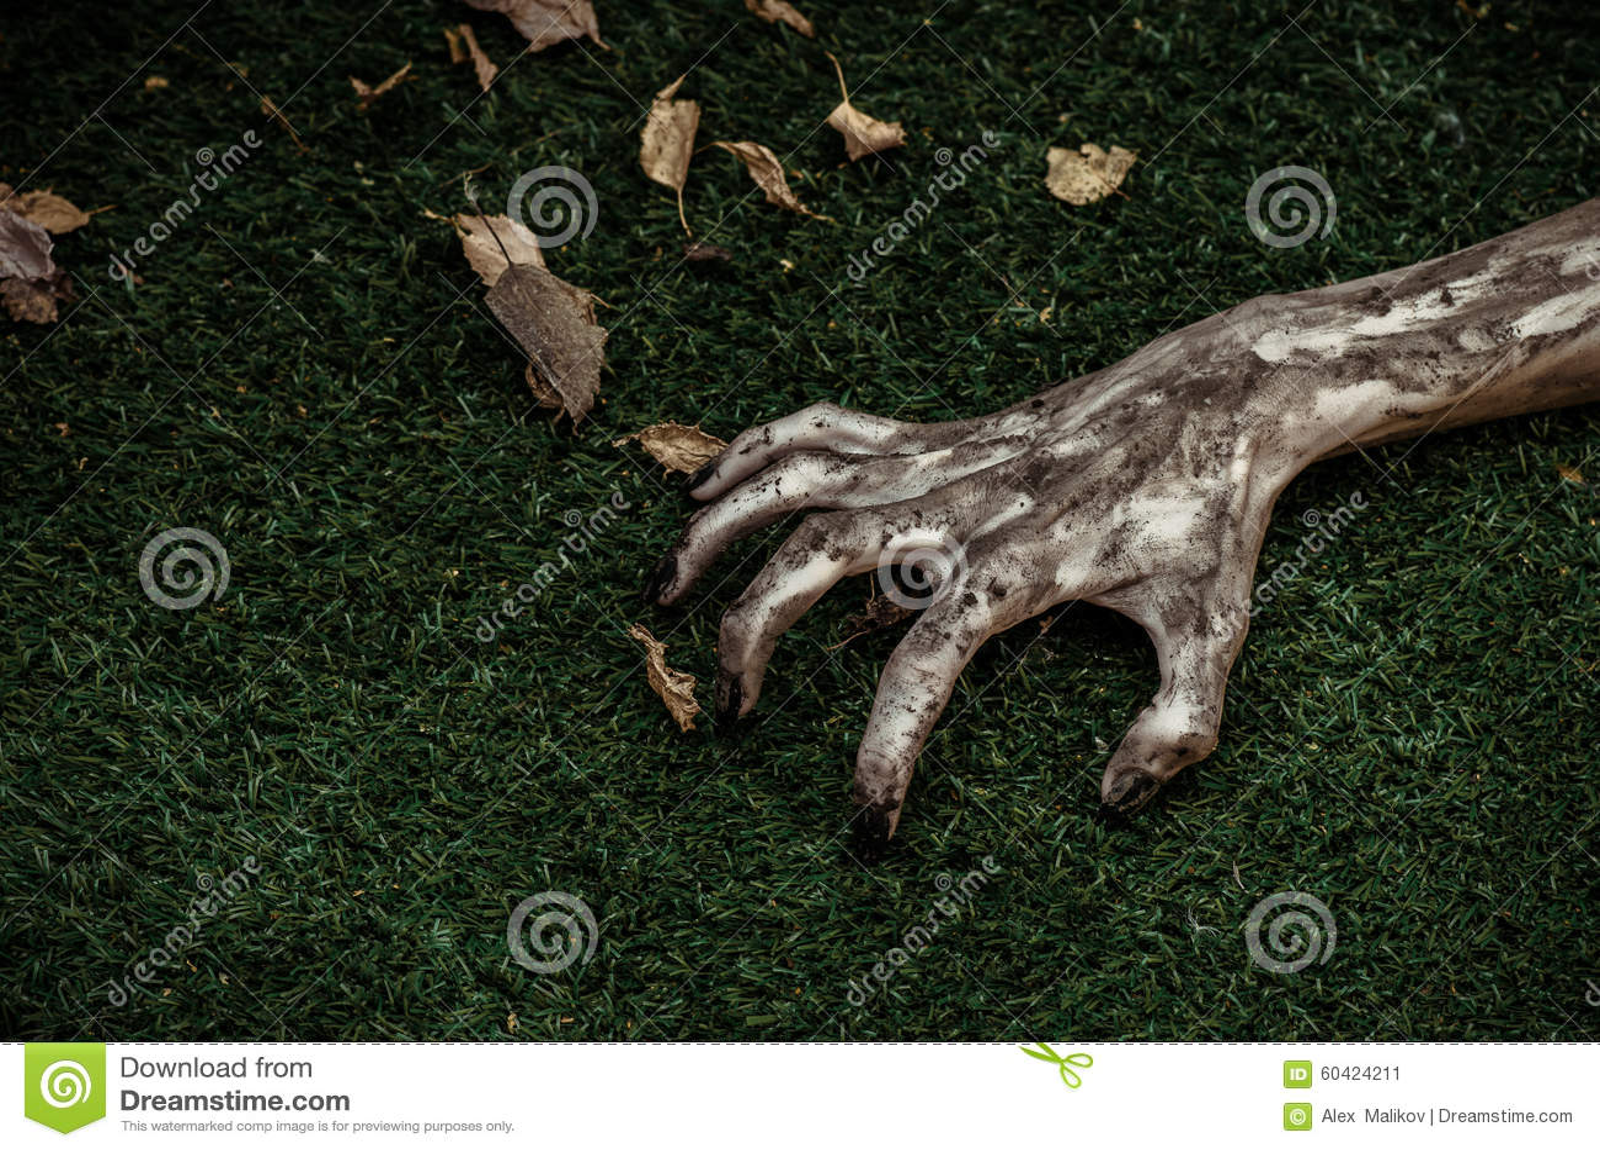 恐怖和万圣夜题材:可怕的蛇神手肮脏与黑钉子在绿草,走的死的启示,上面说谎